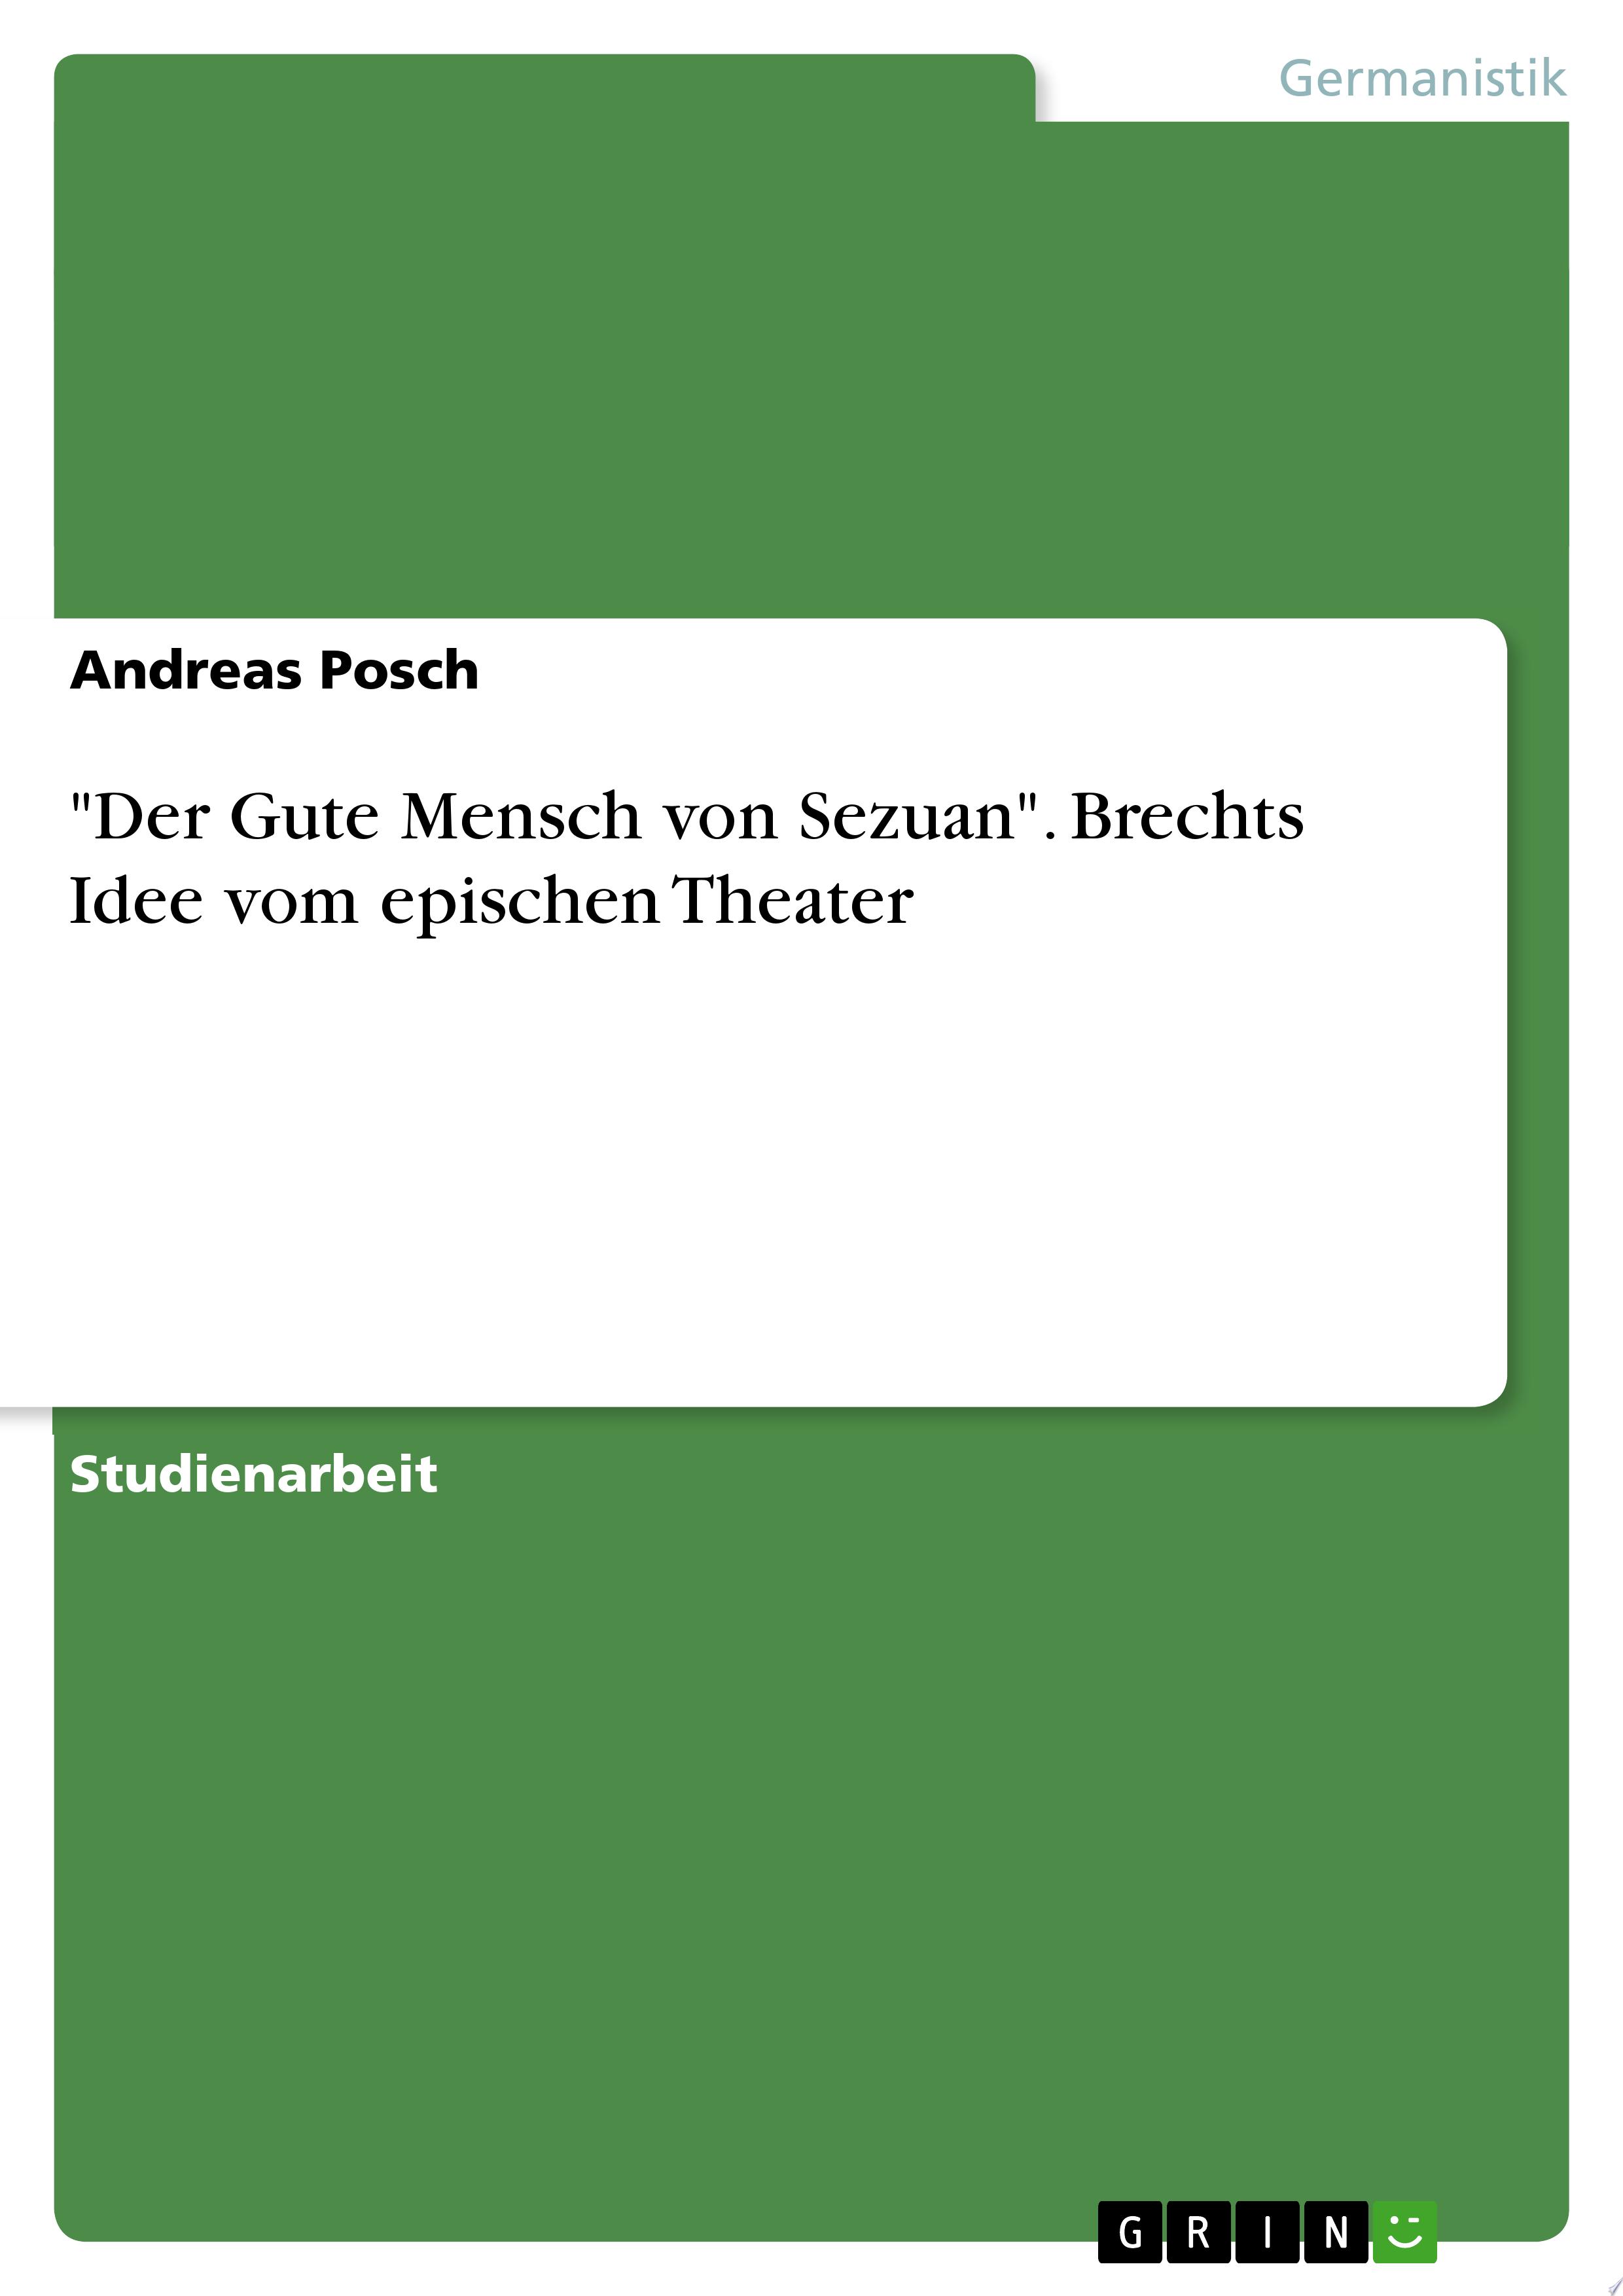 Der Gute Mensch von Sezuan   Brechts Idee vom epischen Theater